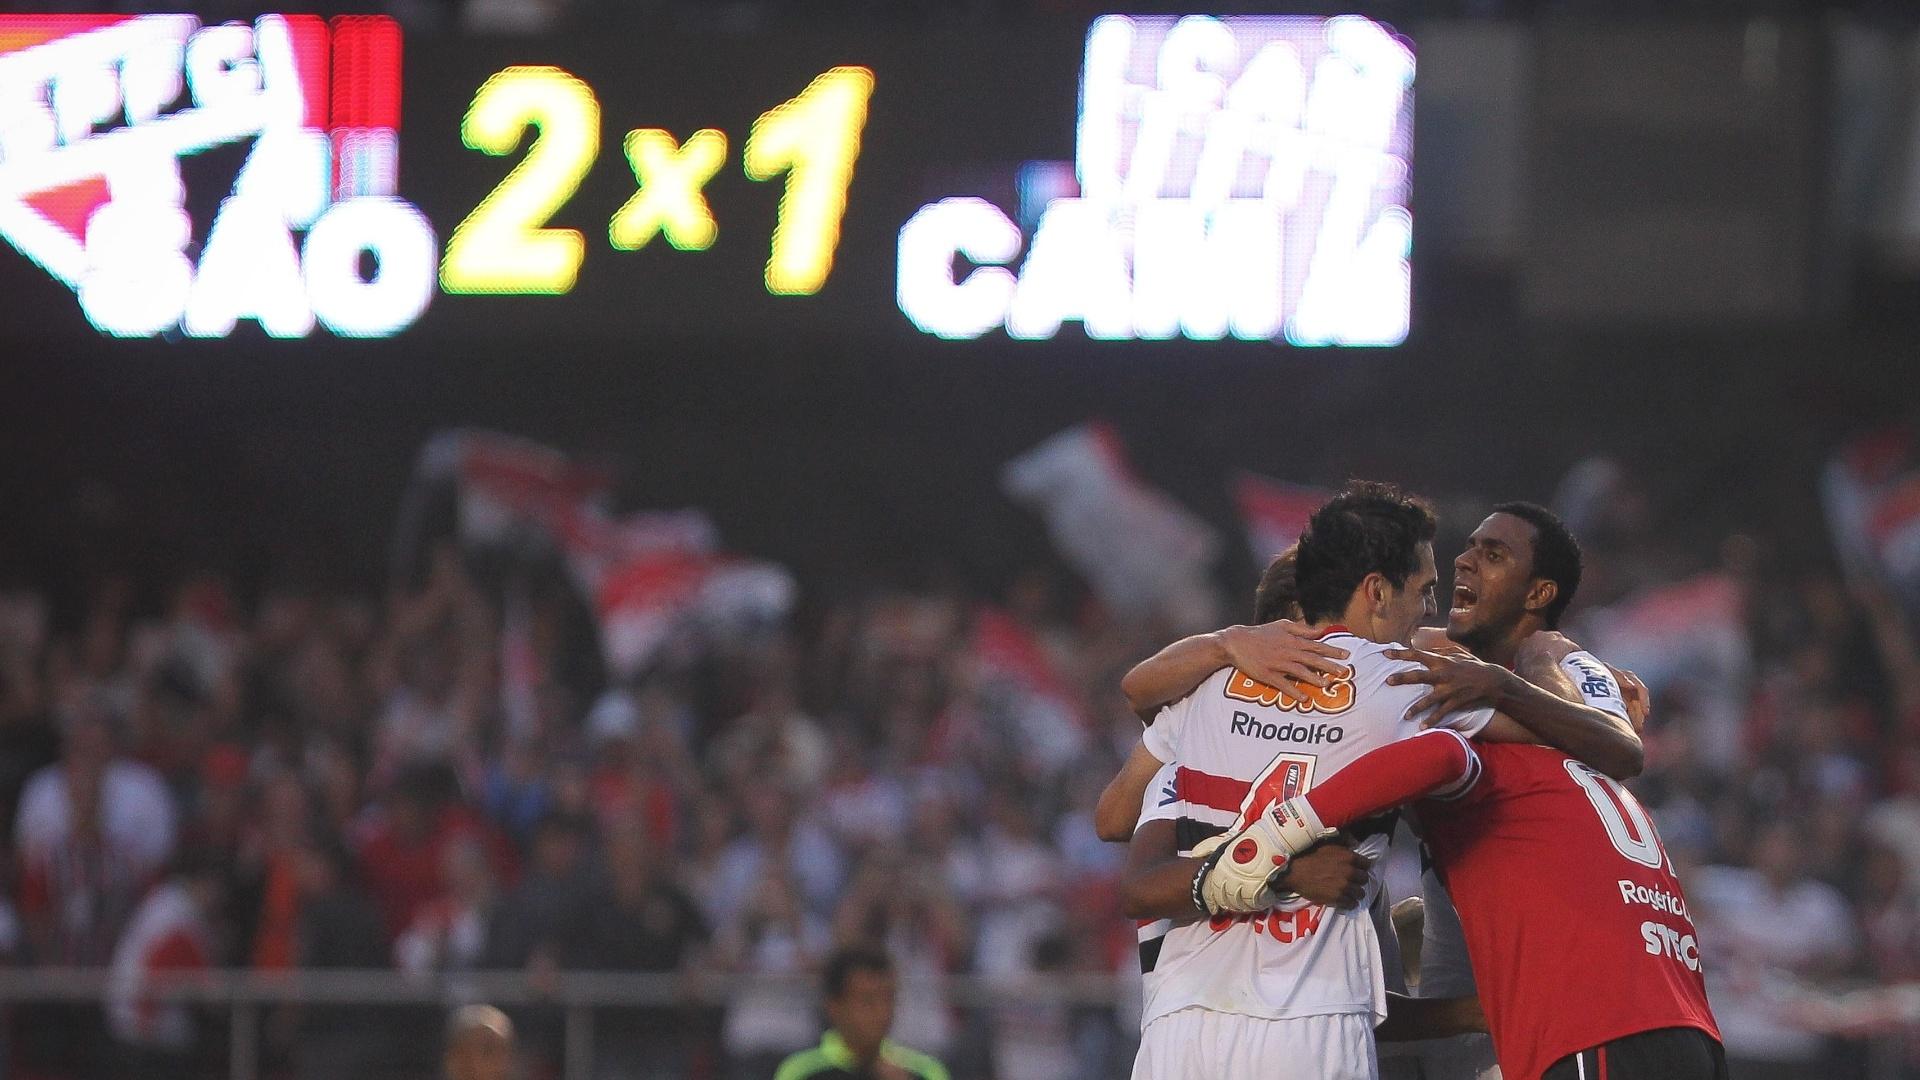 fonte foto: uol.com.br